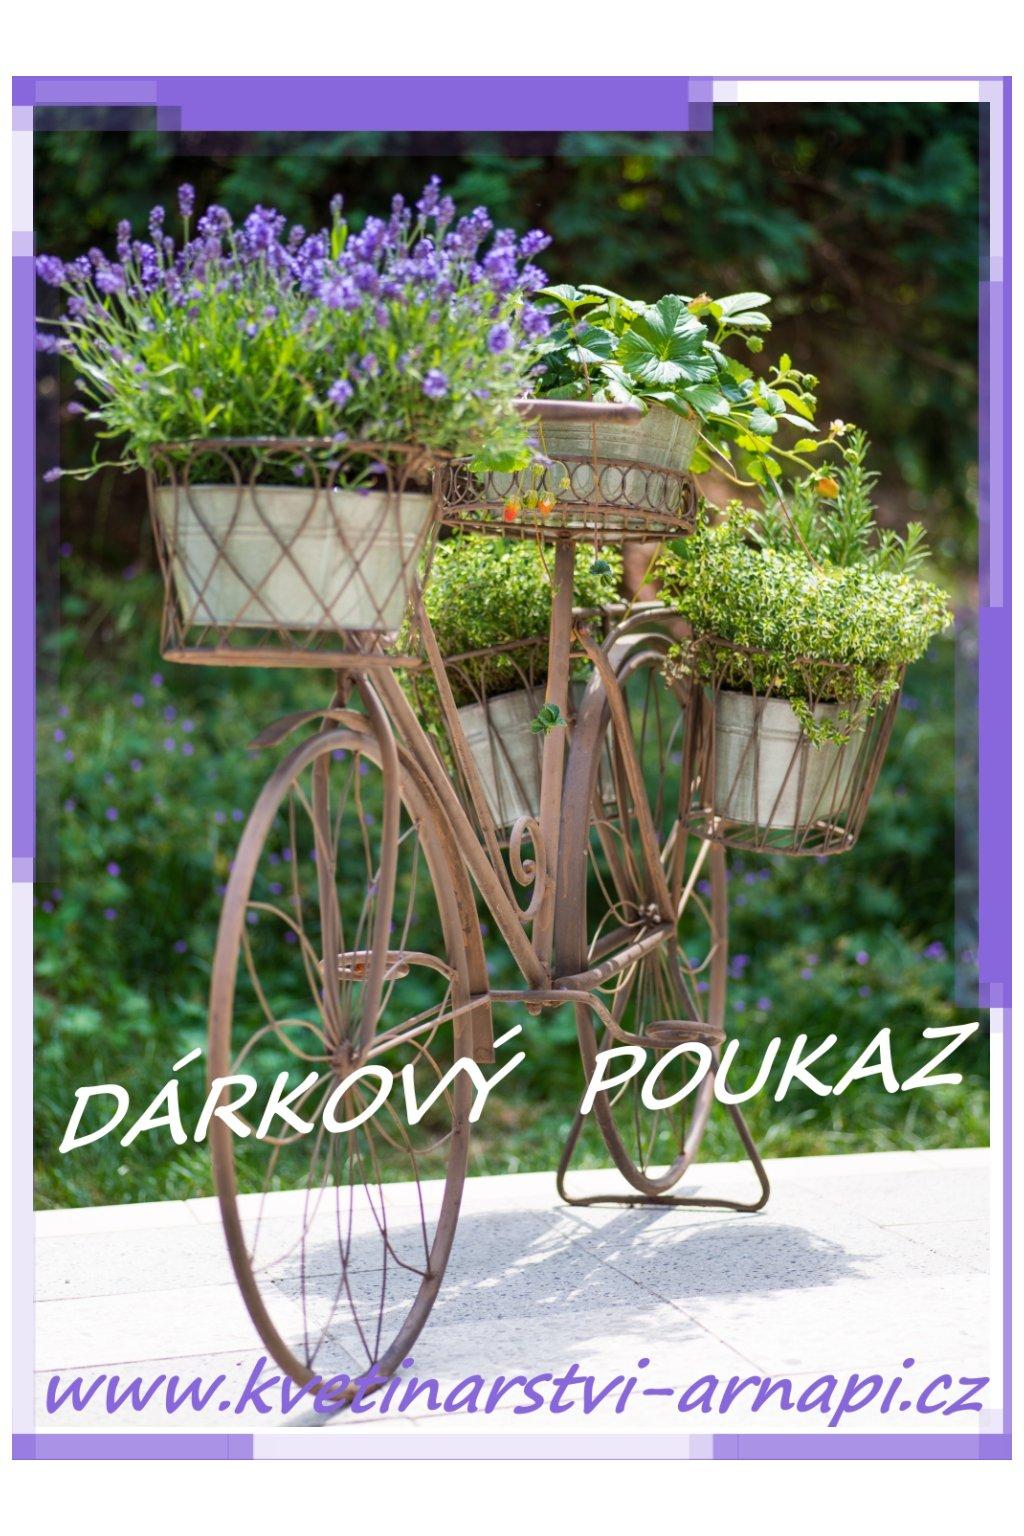 darkovy poukaz kvetinarstvi arnapi praha